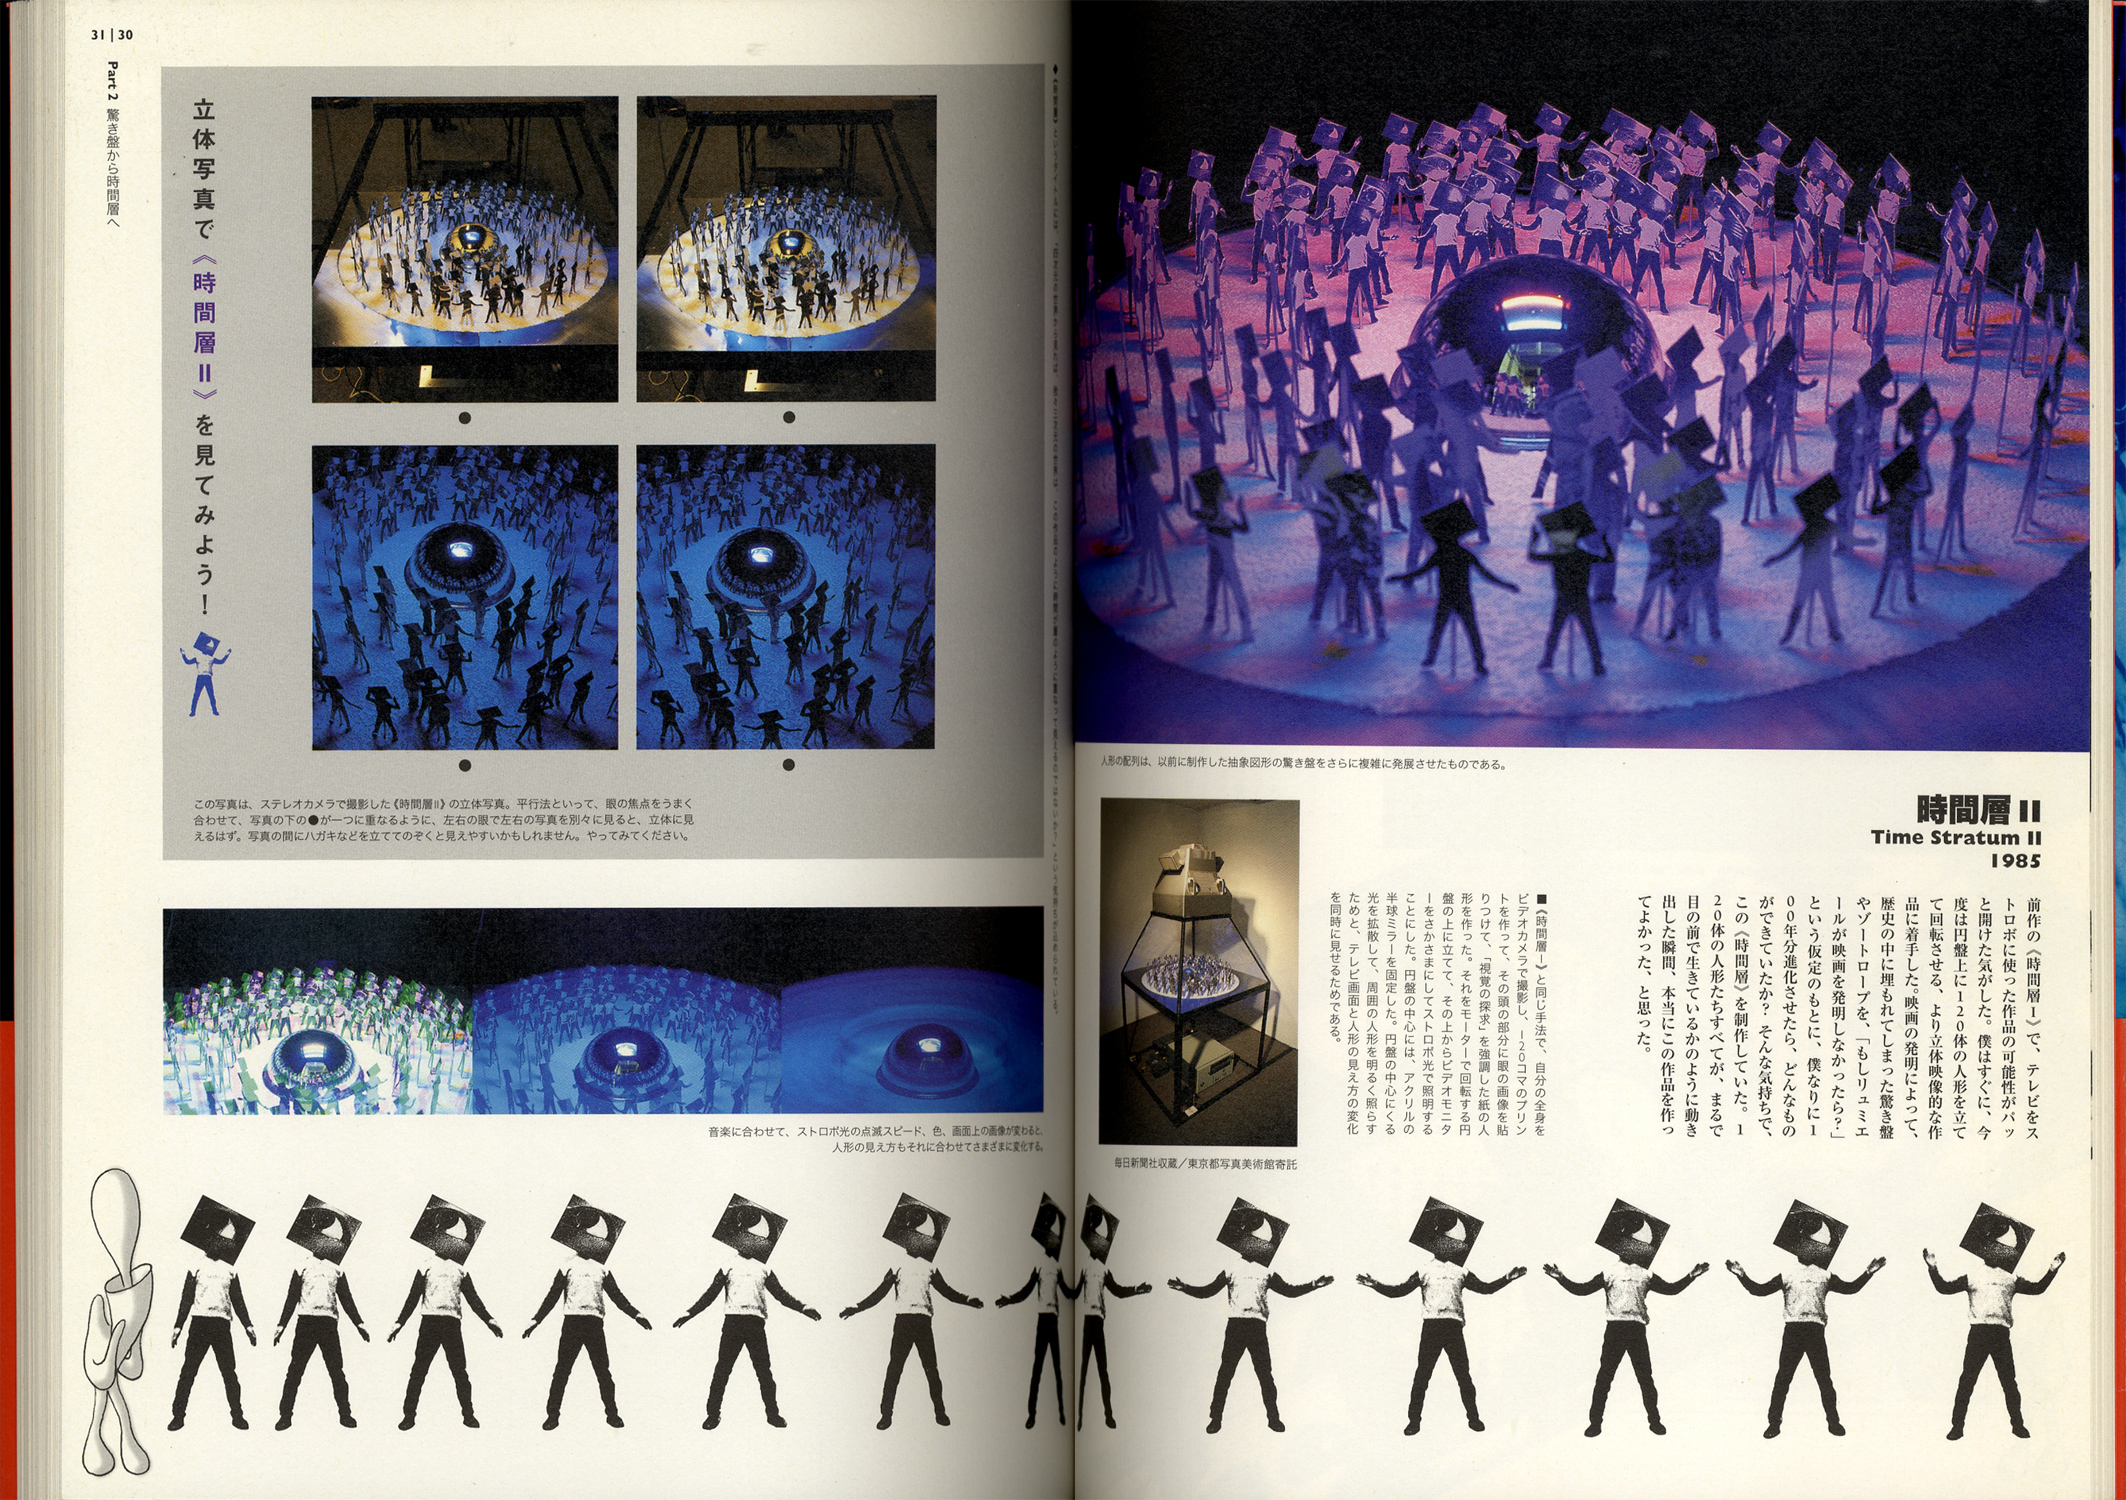 岩井俊雄の仕事と周辺 Artist、 Director and Designer SCAN #7[image2]